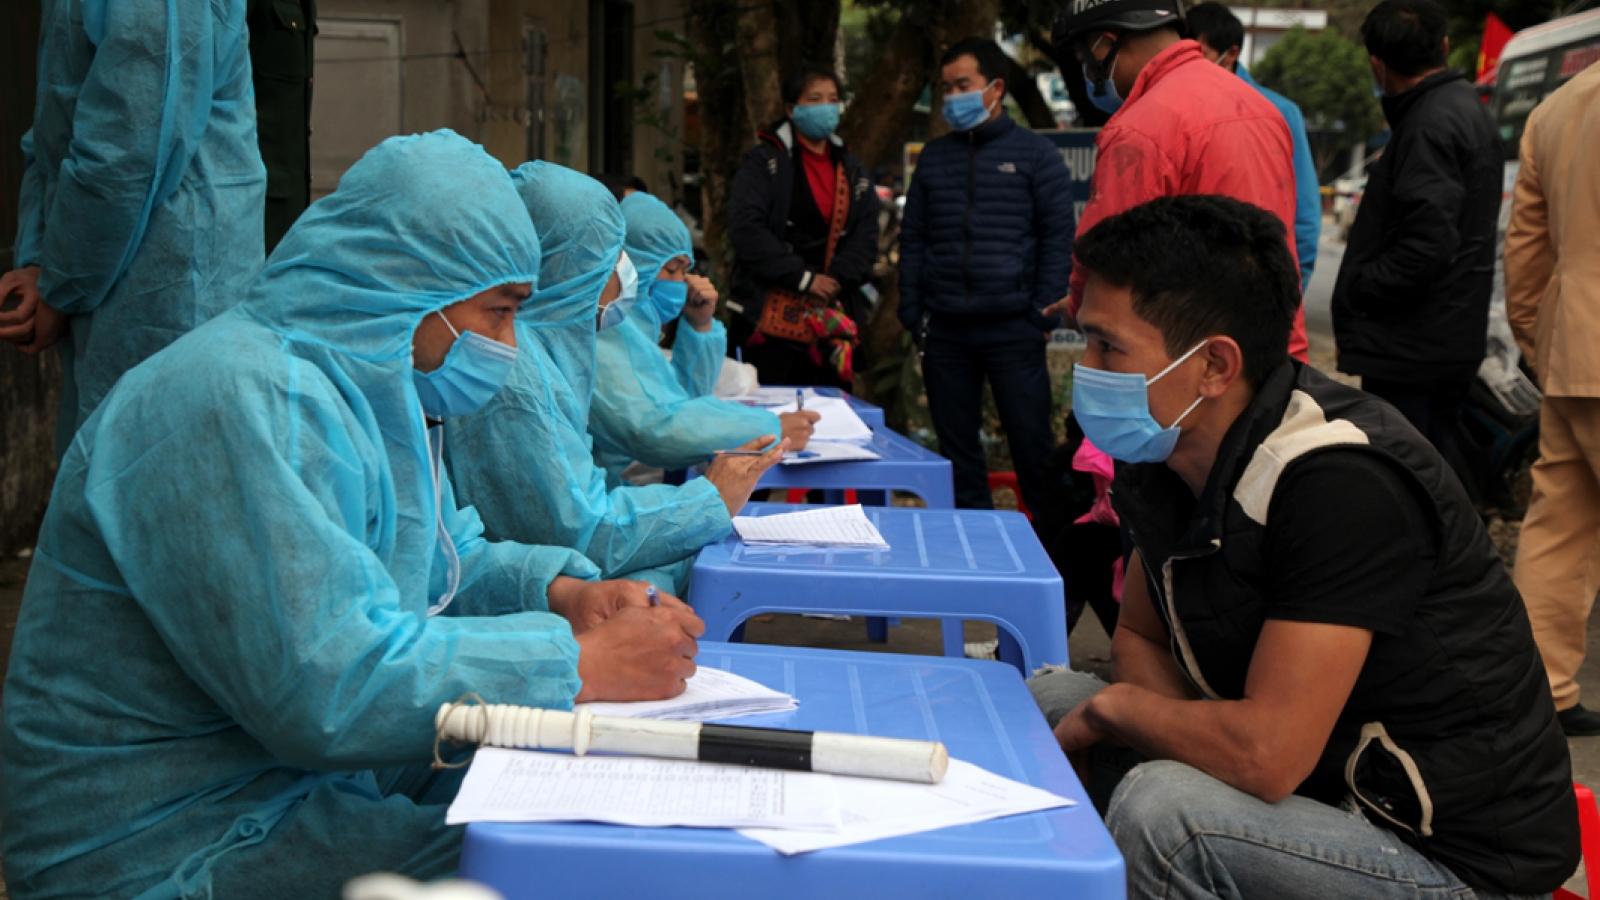 Bộ Y tế phát thông báo khẩn tìm người đến điểm có dịch COVID-19